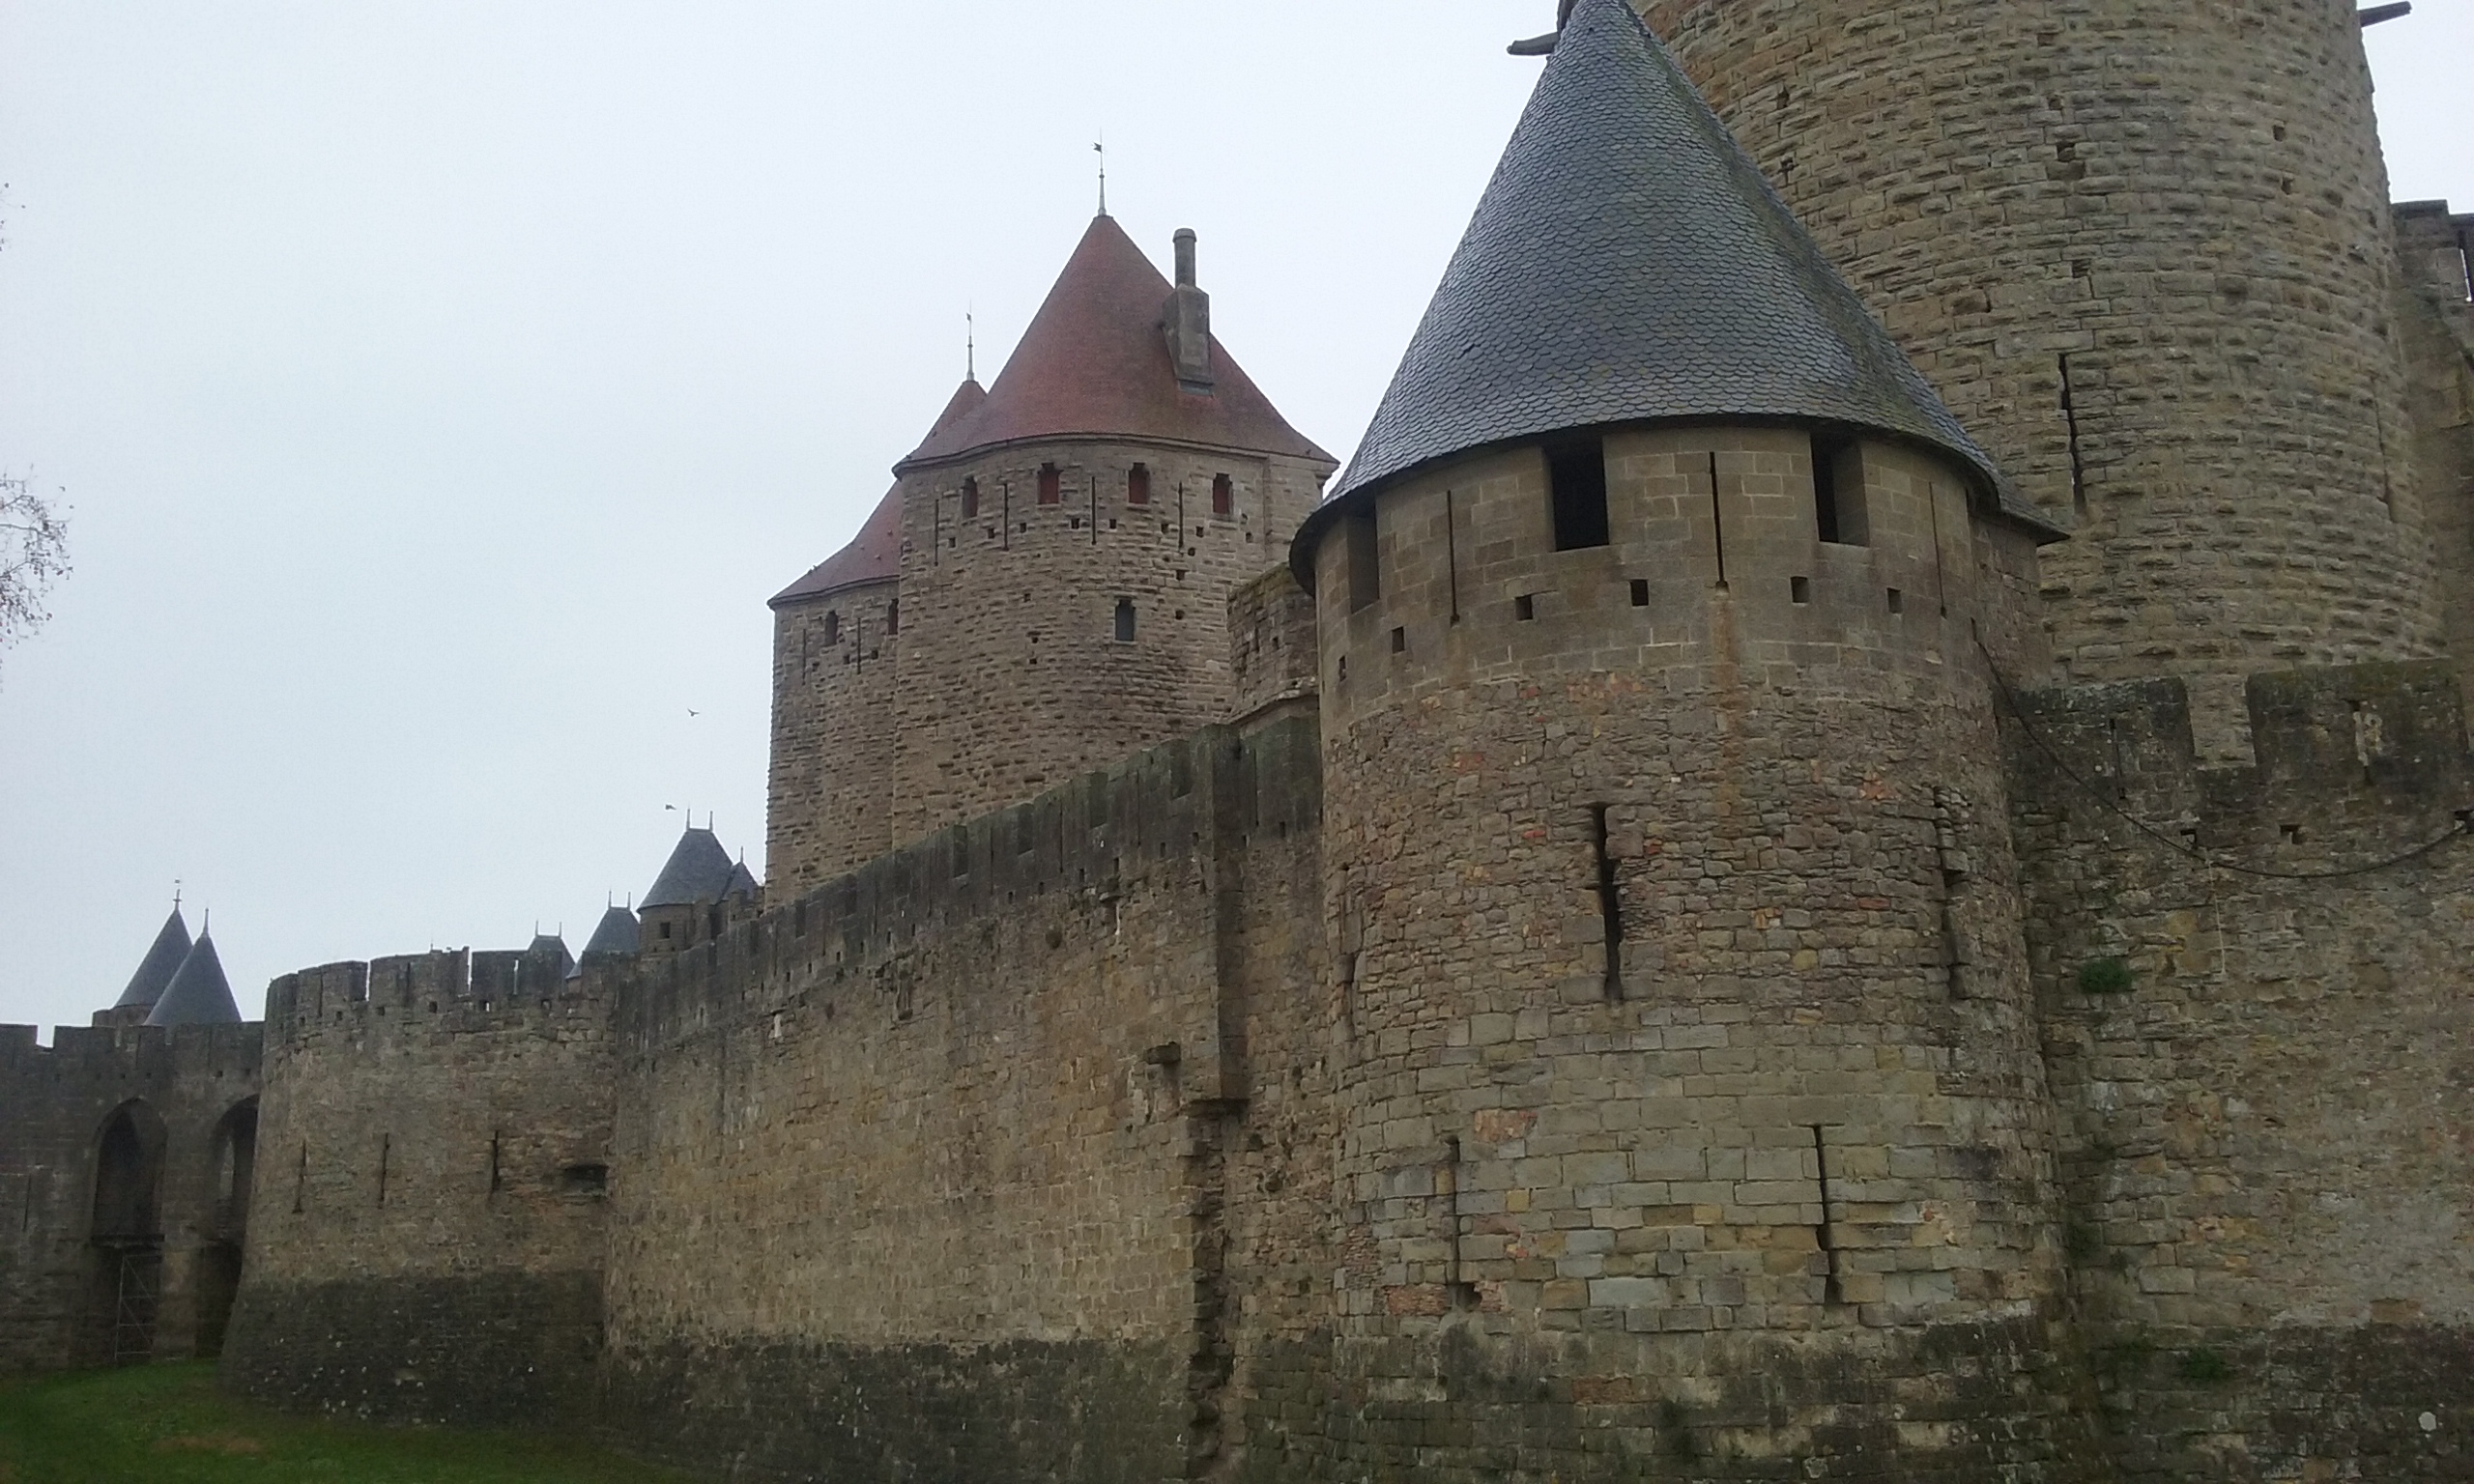 Les tours et murailles de Carcassonne